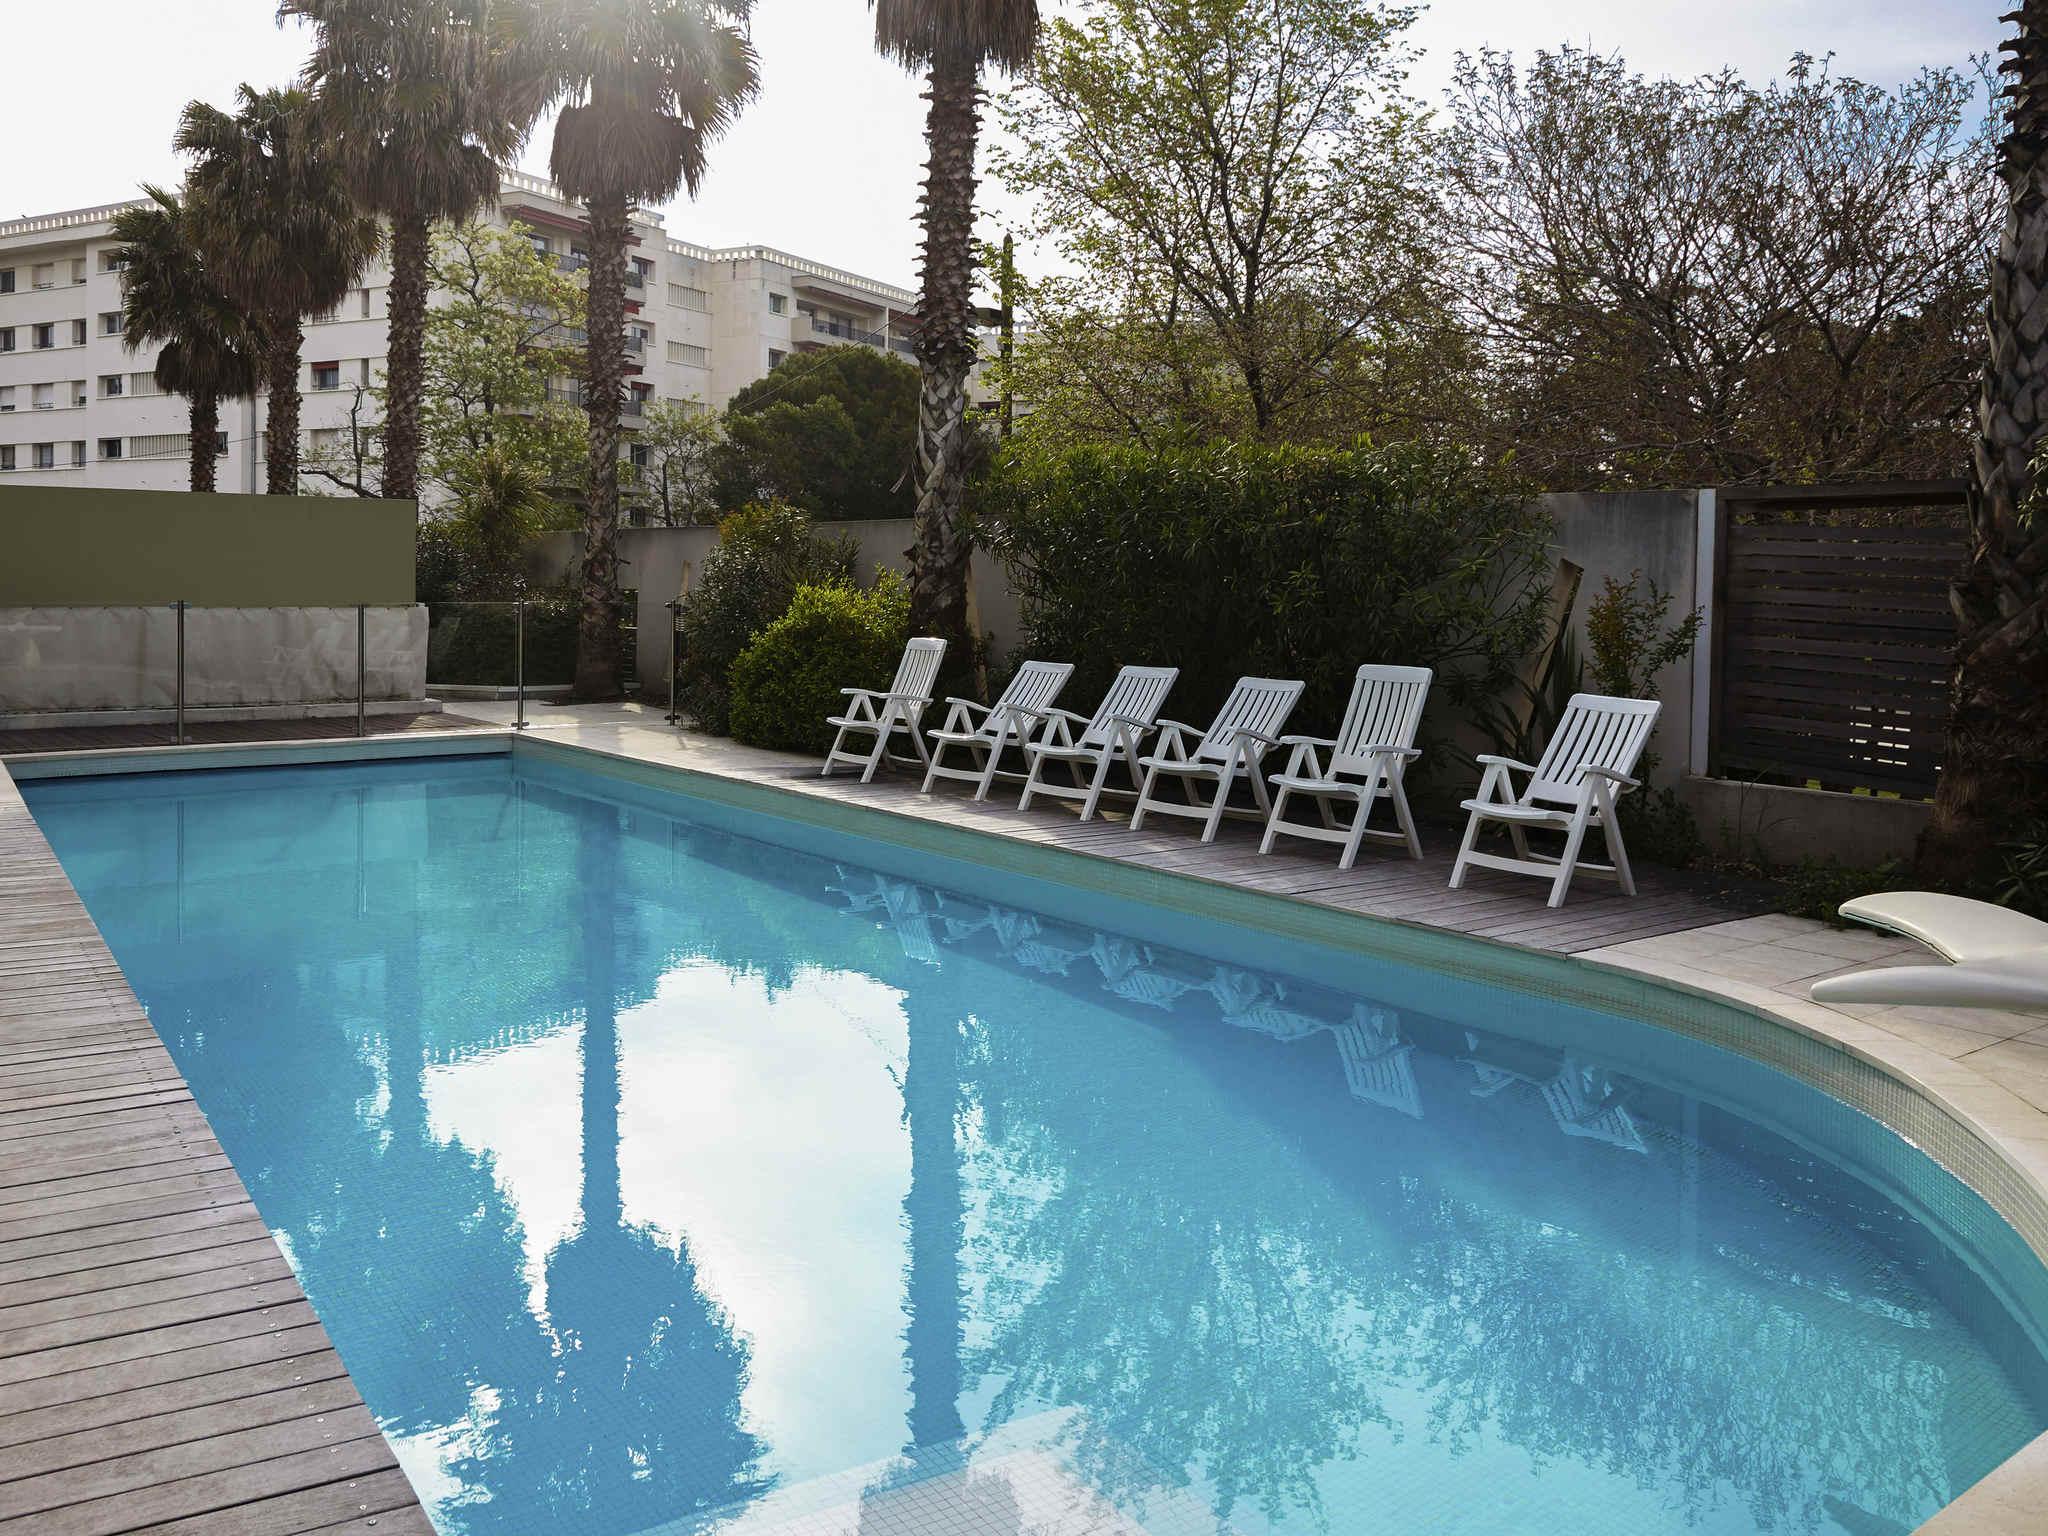 酒店 – 阿德吉奥马赛普拉多海滨酒店